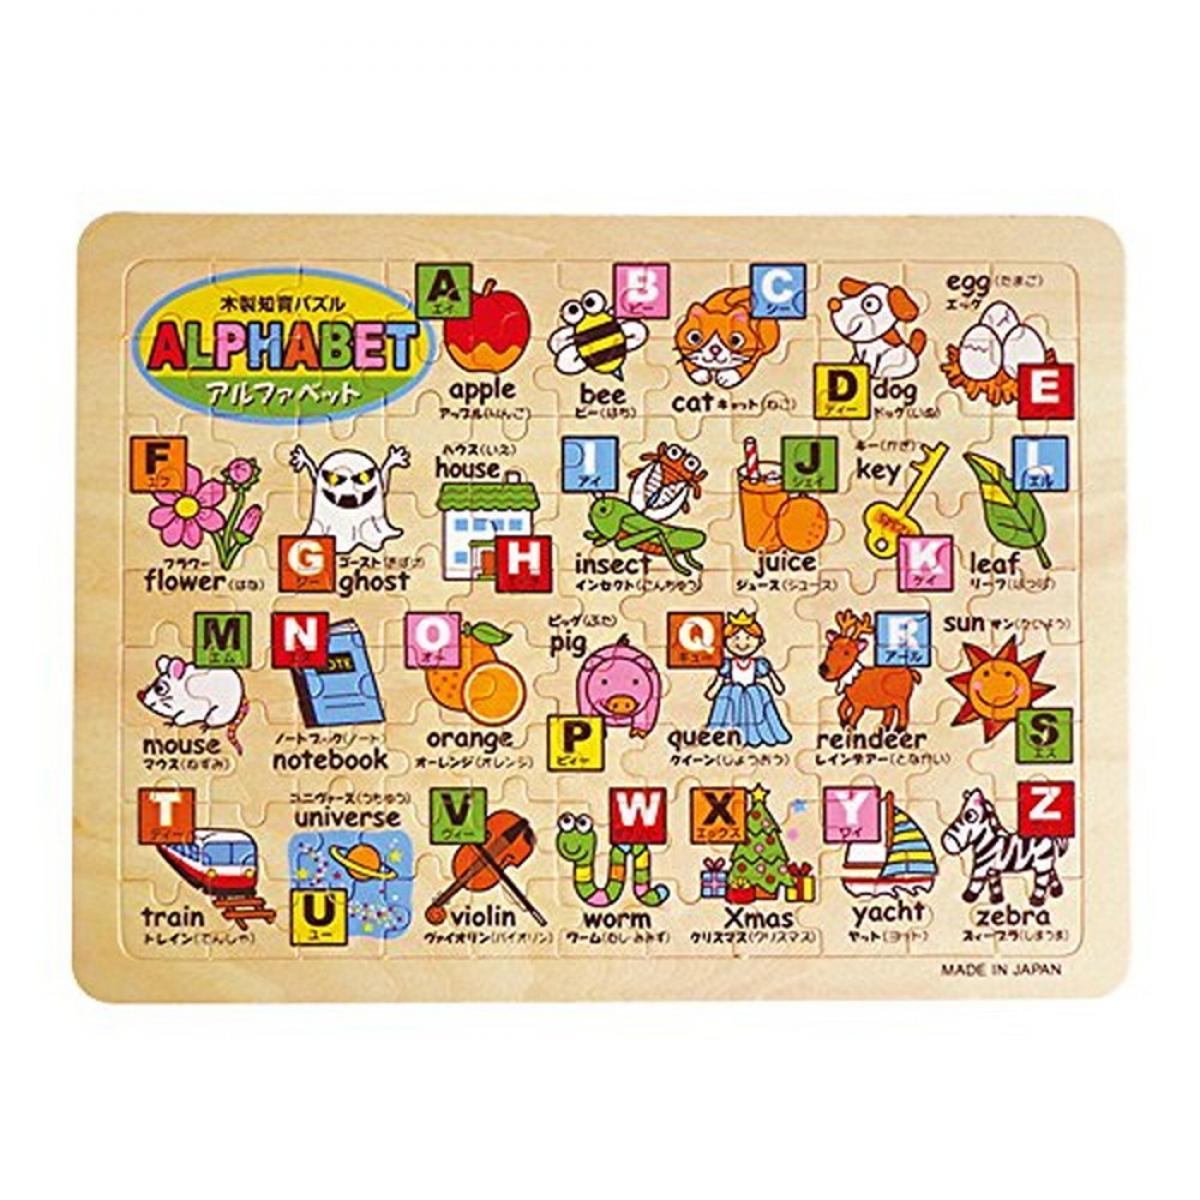 合計1万円以上で送料無料 離島 沖縄除く デビカ 木製知育パズル 113002 アルファベット お買い得品 セール商品